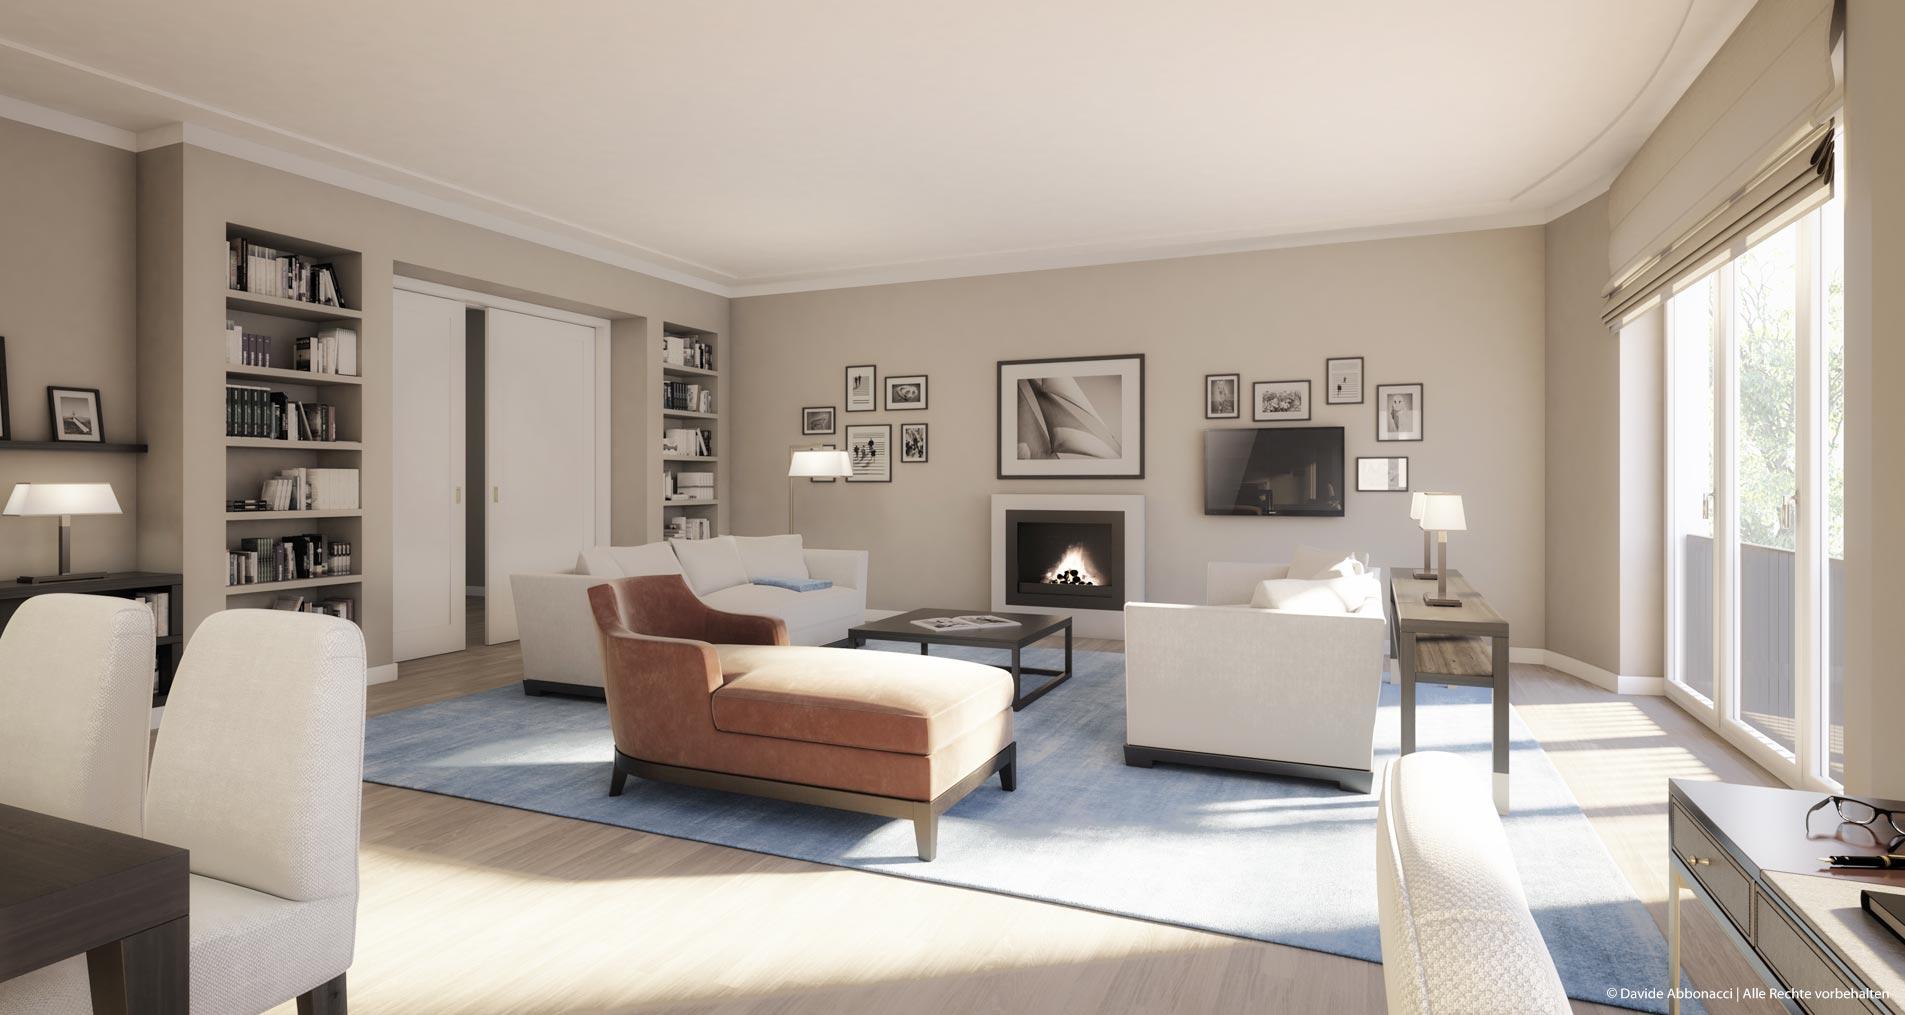 Faisan63, Fasanenstraße, Berlin | Wiegand Hoffmann Architekten - PRIMUS Immobilien AG | 2016 Visualisierung für Immobilienmarketing